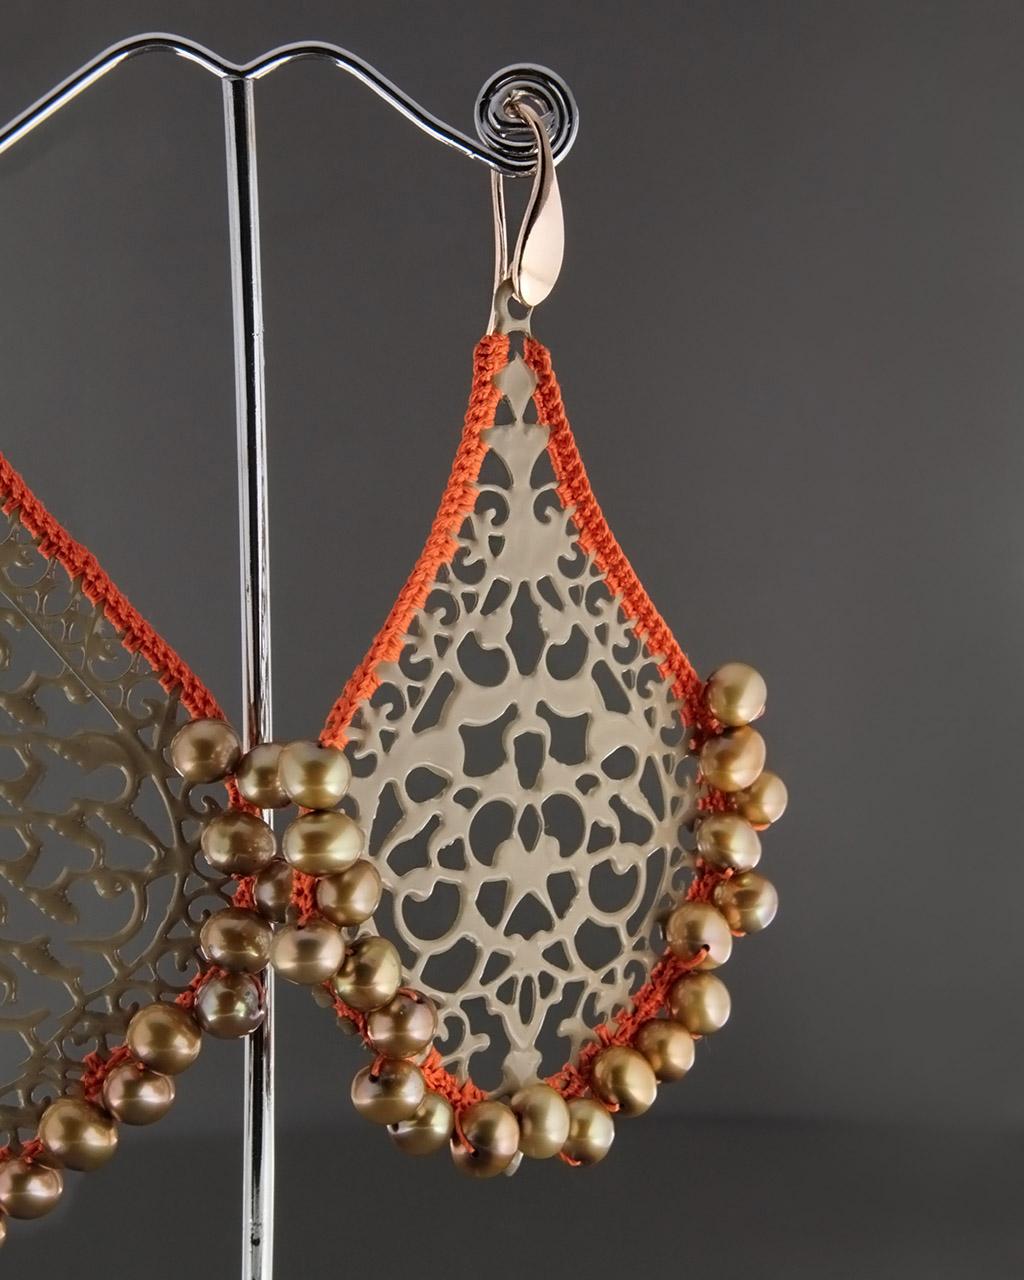 Σκουλαρίκια με Σμάλτο & Μαργαριτάρια   γυναικα σκουλαρίκια σκουλαρίκια ημιπολύτιμοι λίθοι